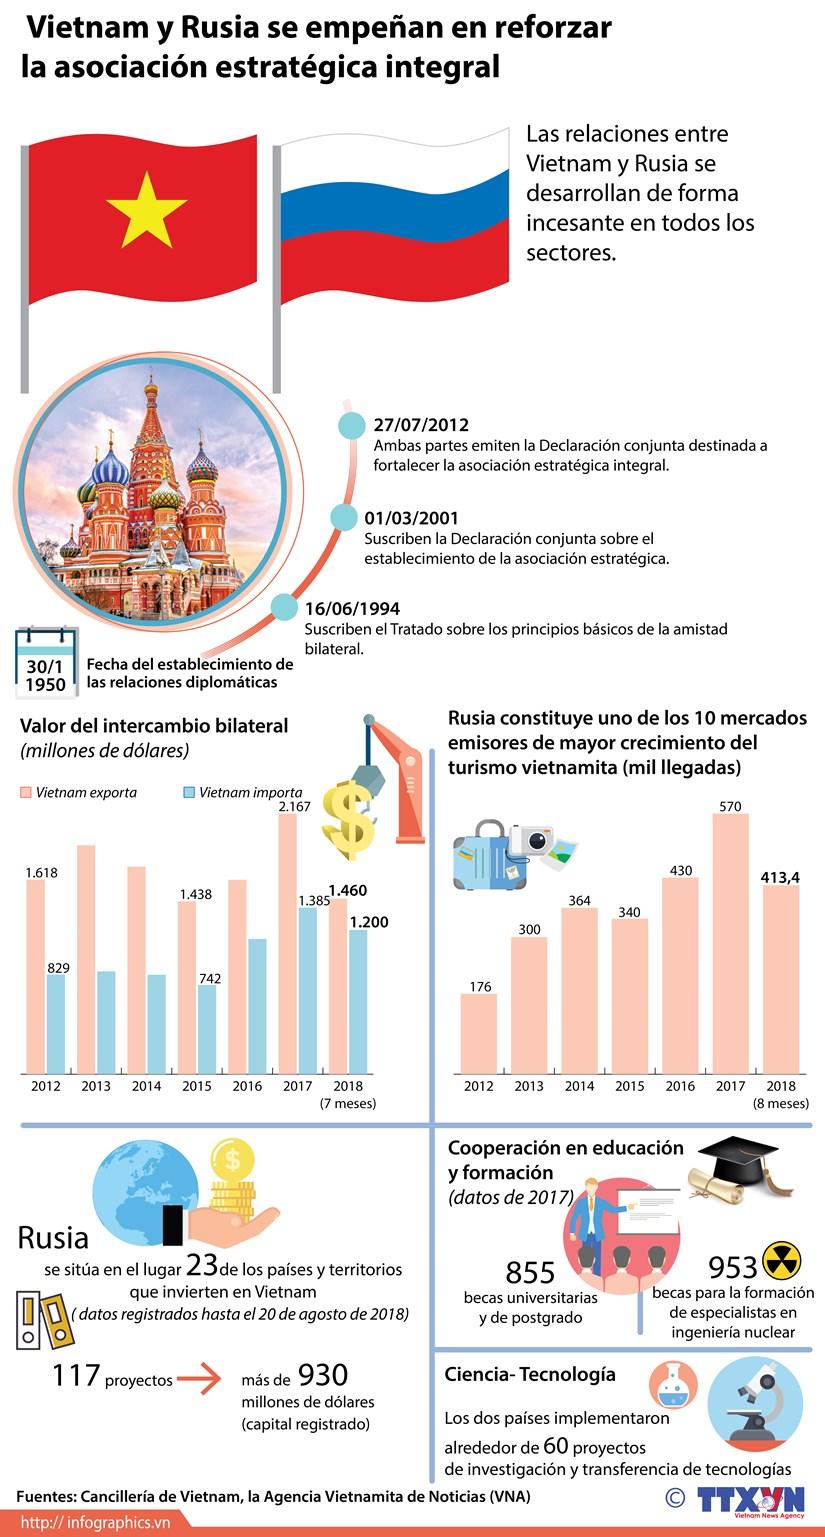 [Info] Vietnam y Rusia trabajan para fortalecer la asociacion estrategica integral hinh anh 1